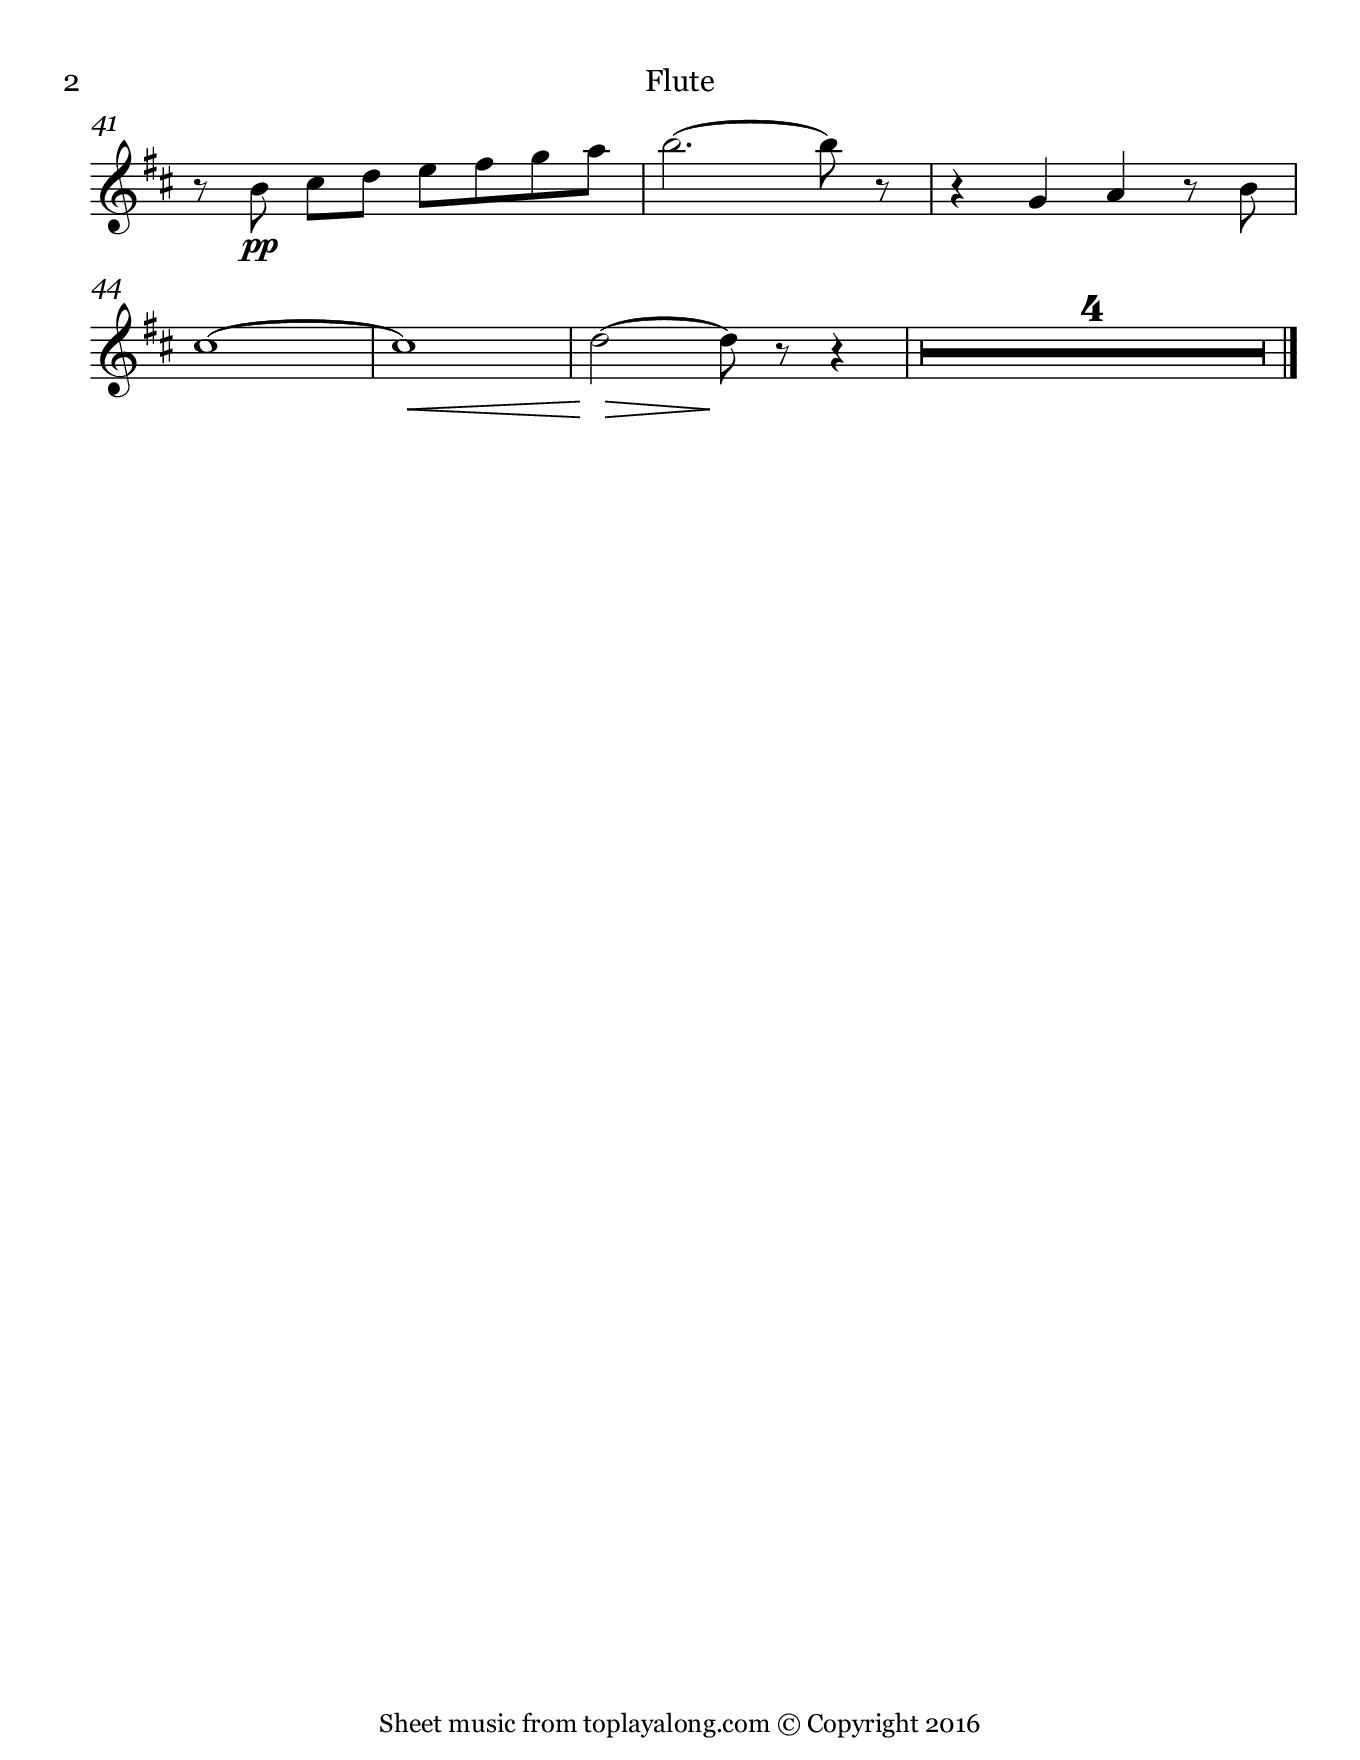 La fleur que tu m'avais jetée from Carmen by Bizet. Sheet music for Flute, page 2.